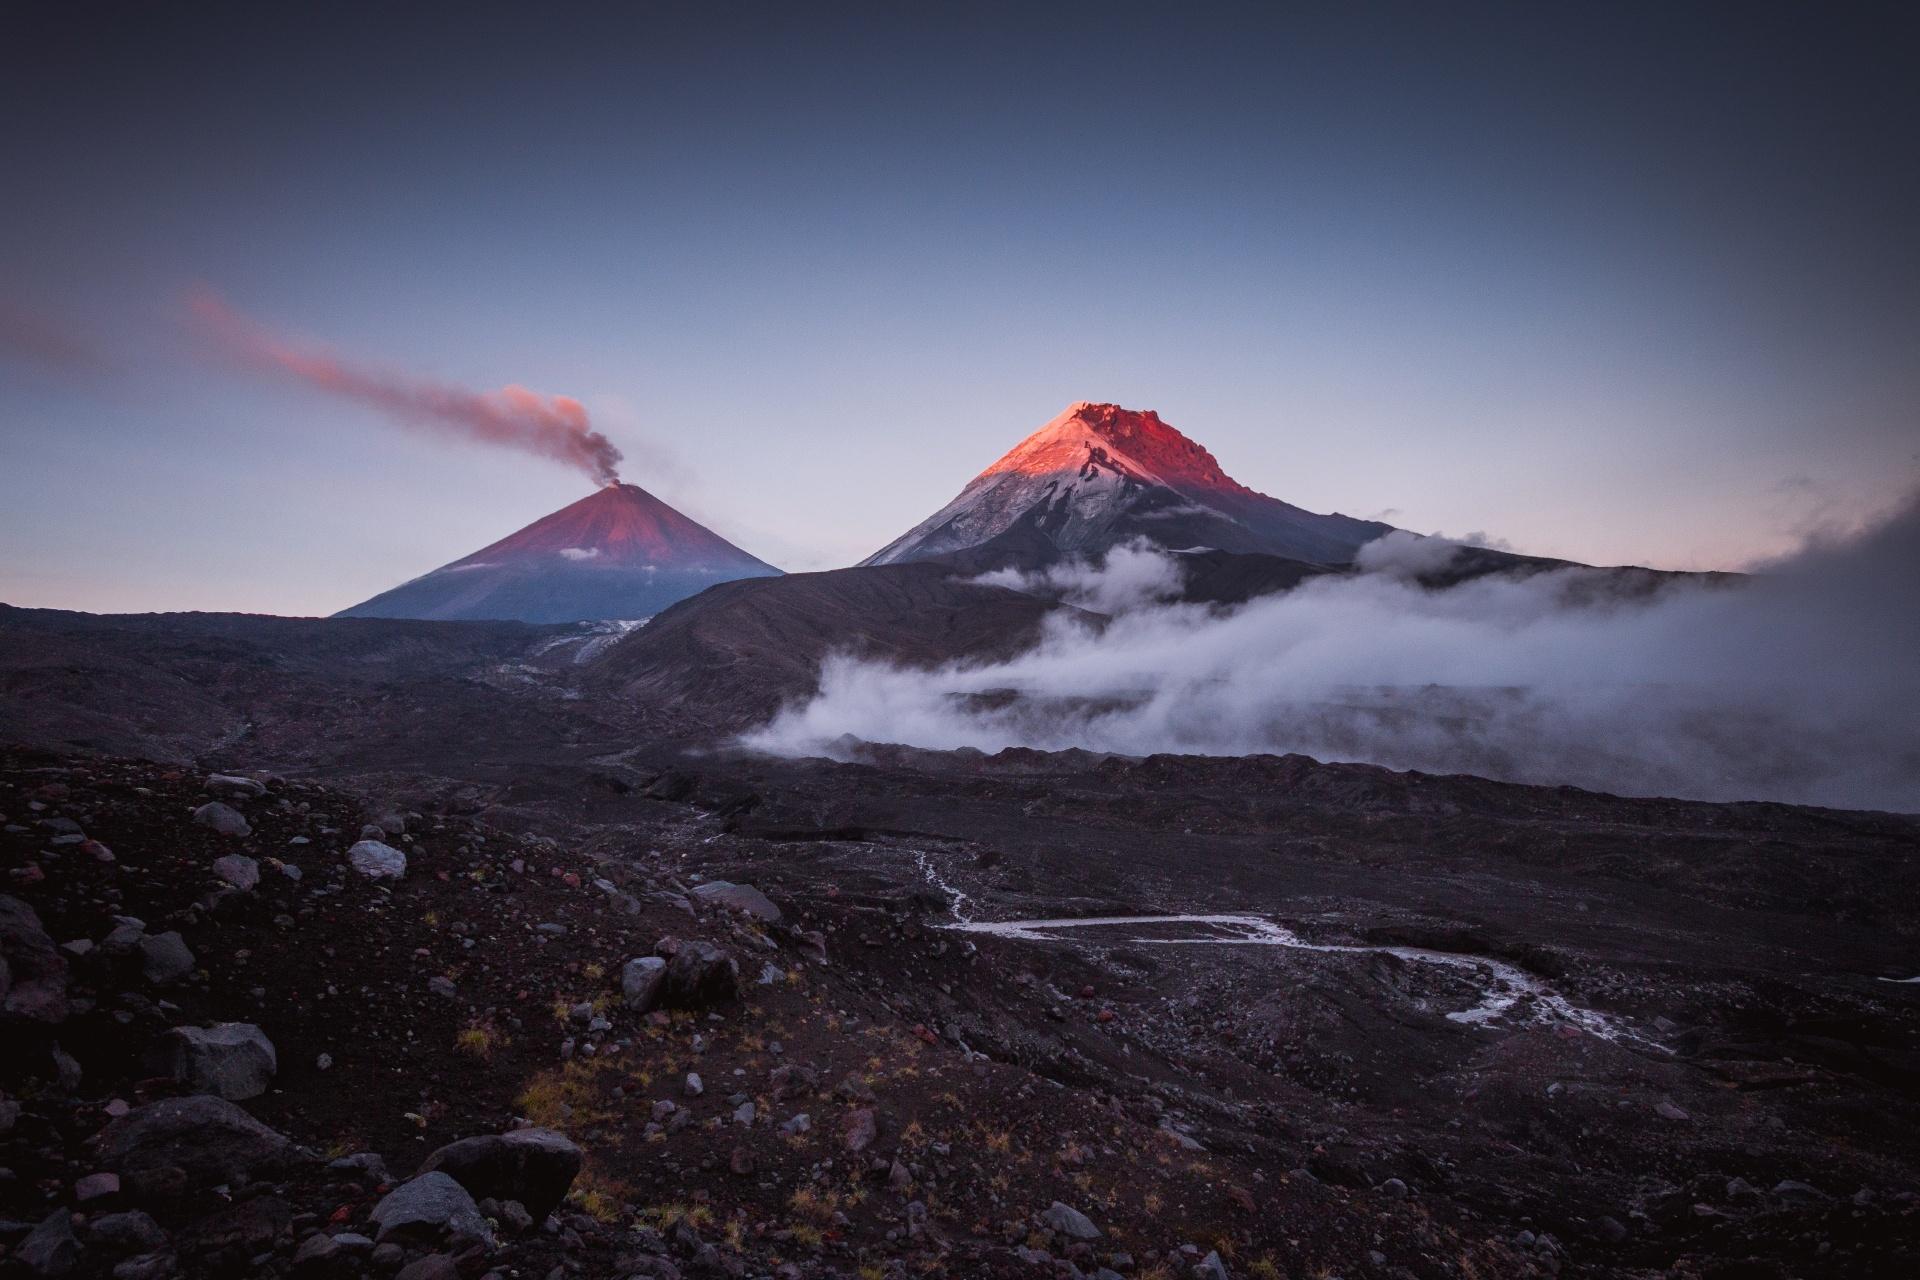 カーメン火山とクリュチェフスカヤ山 ロシアの風景